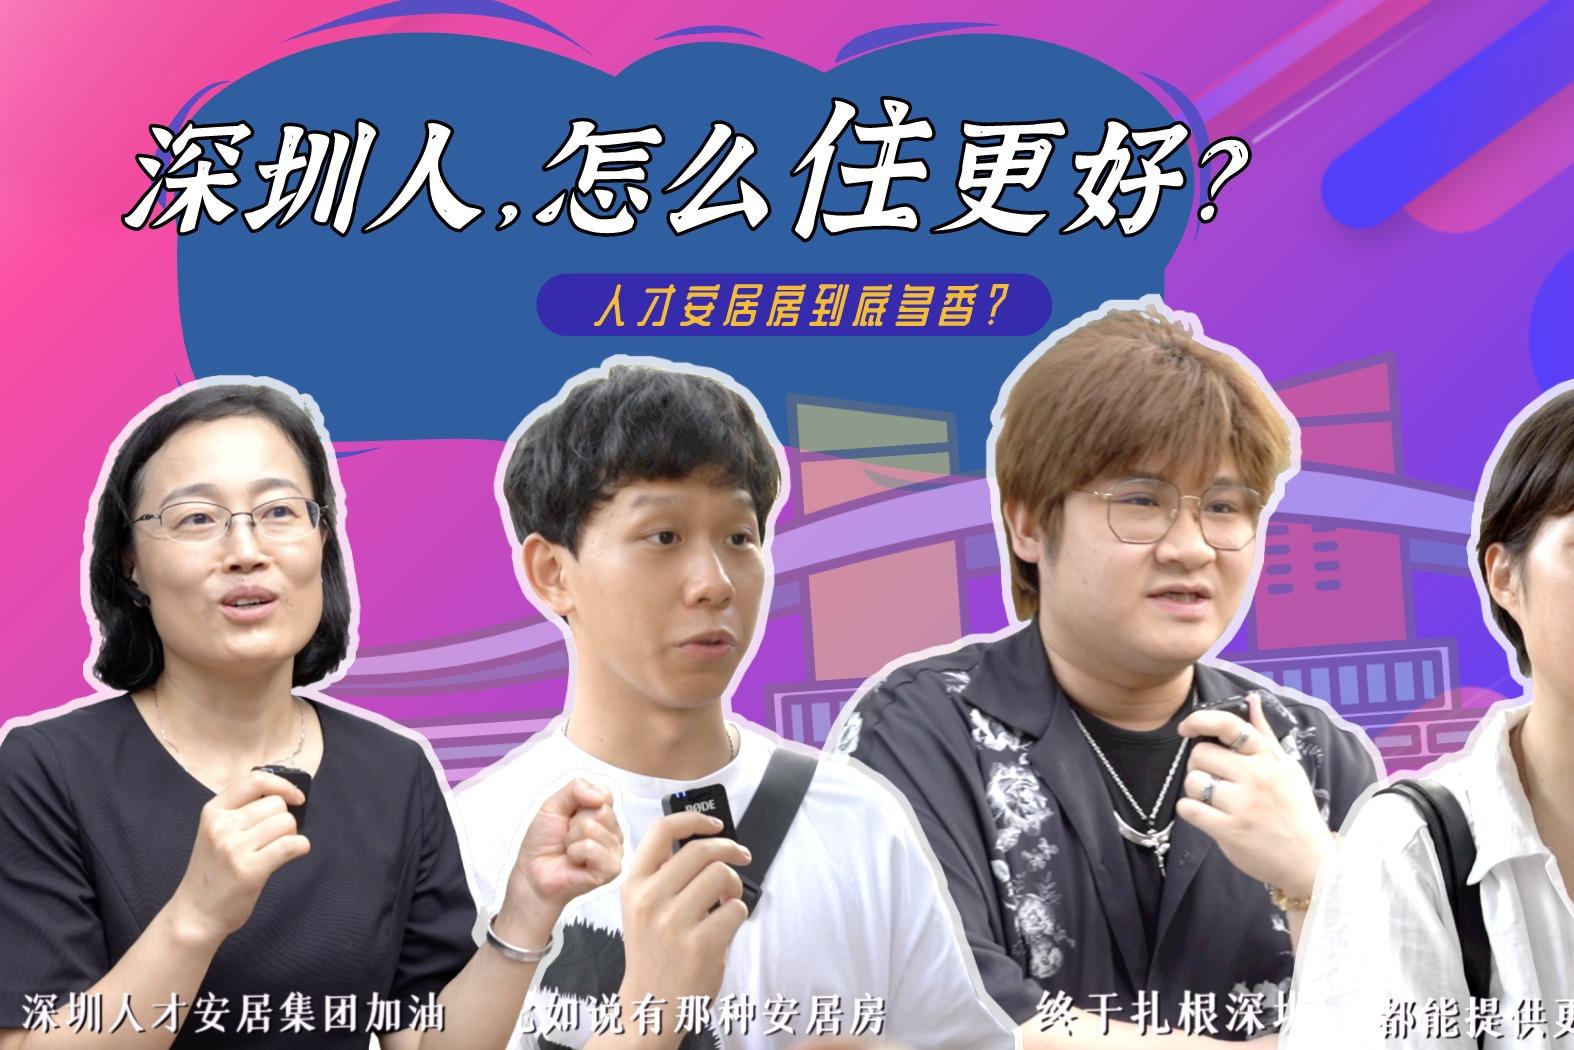 深圳人 怎么住更好?